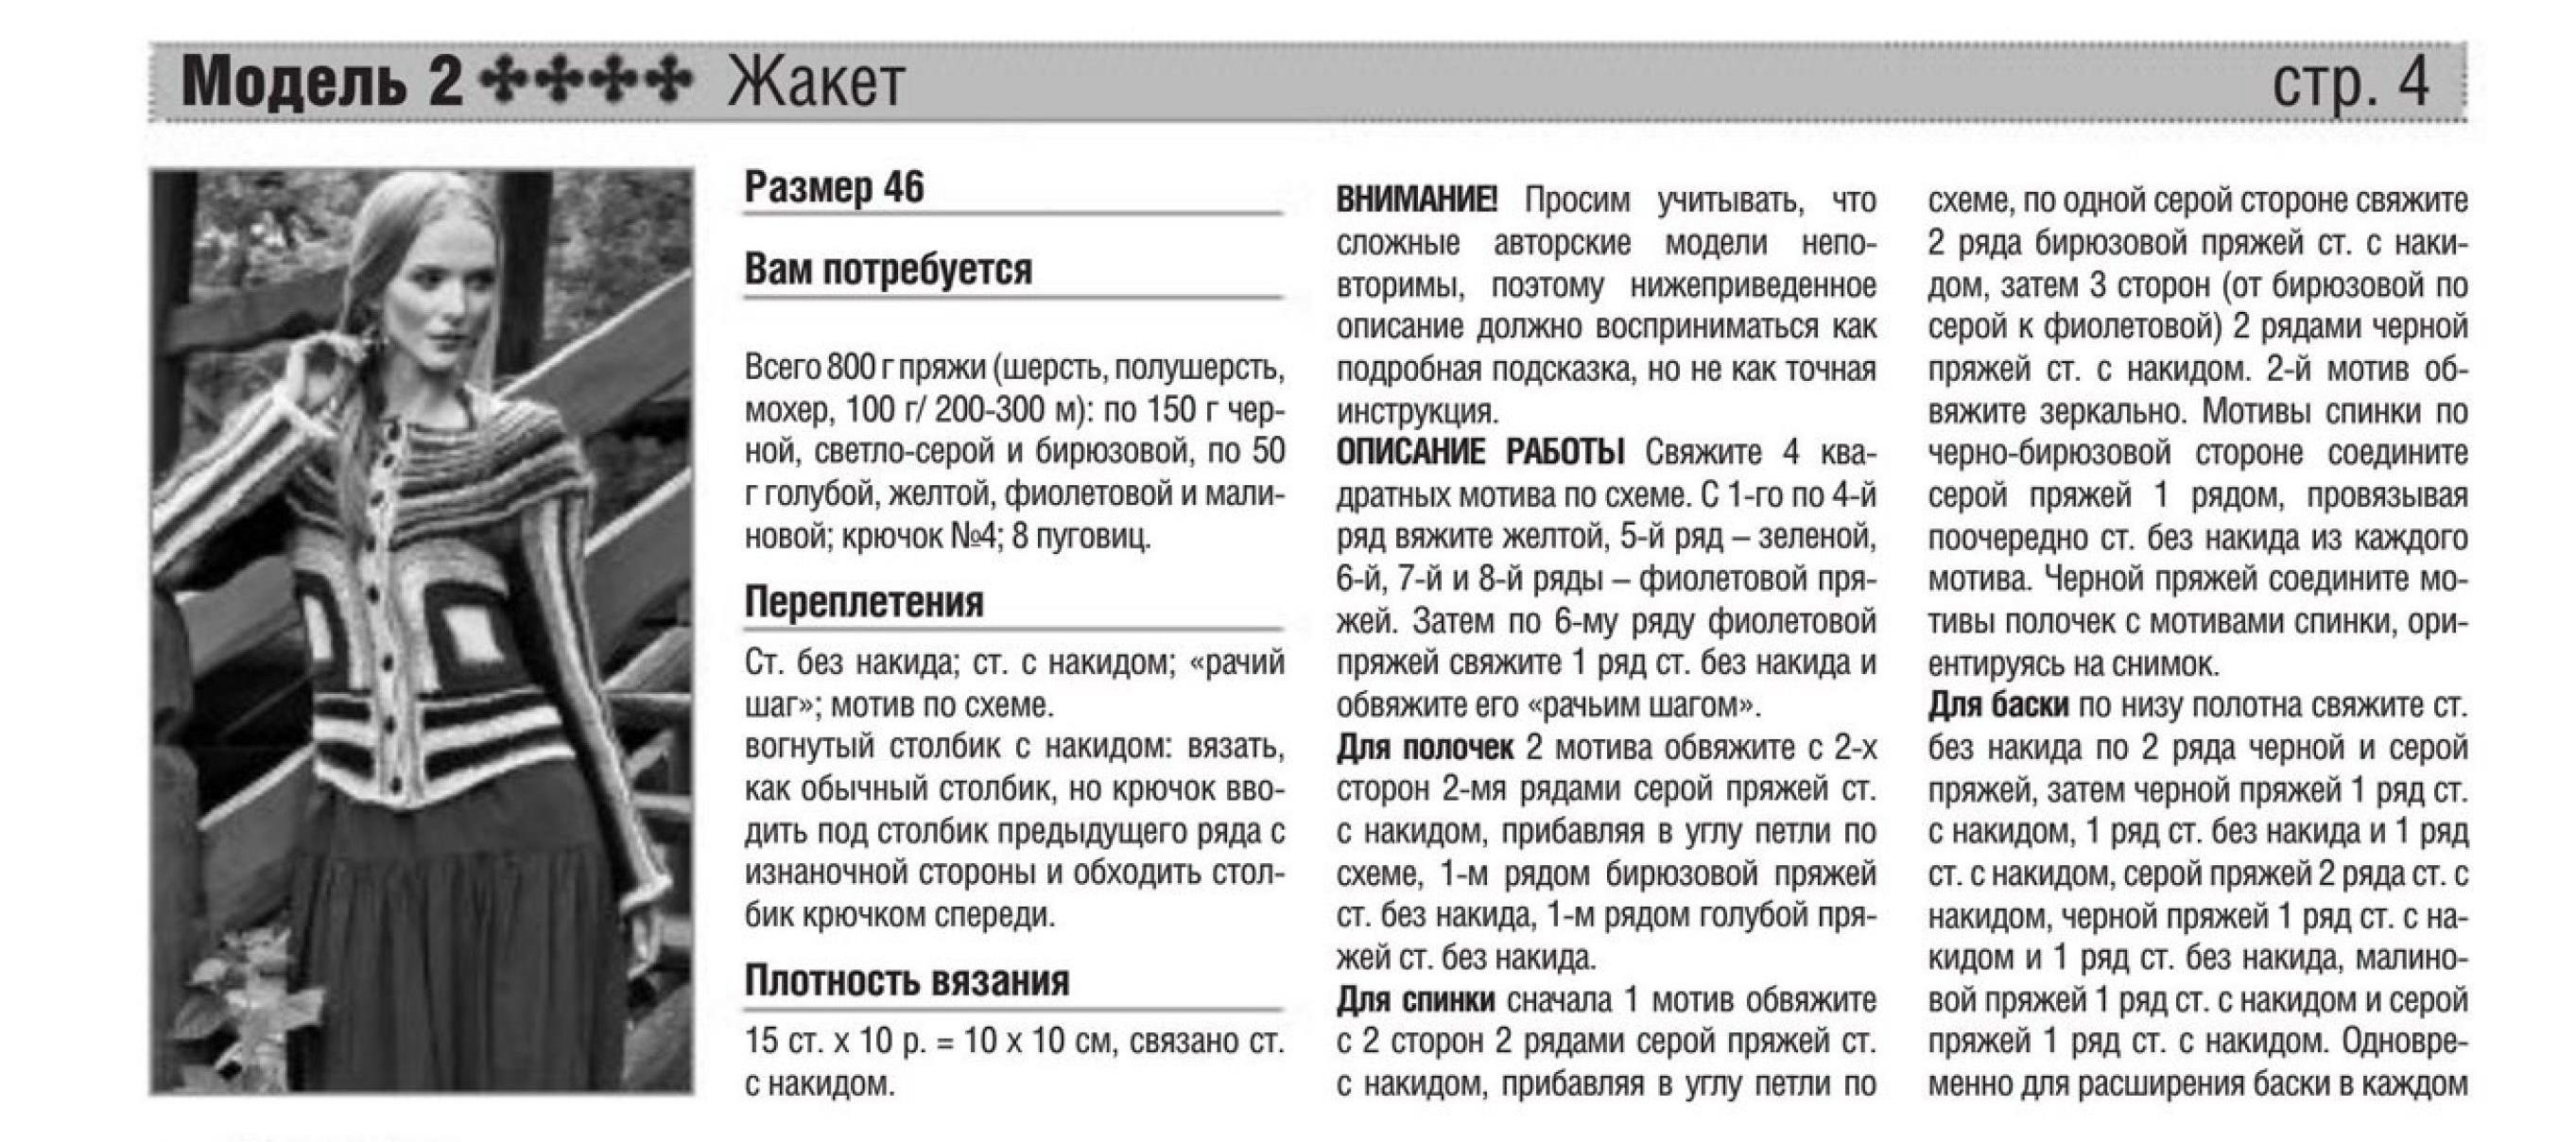 1635_Наталья 5.12 (6)